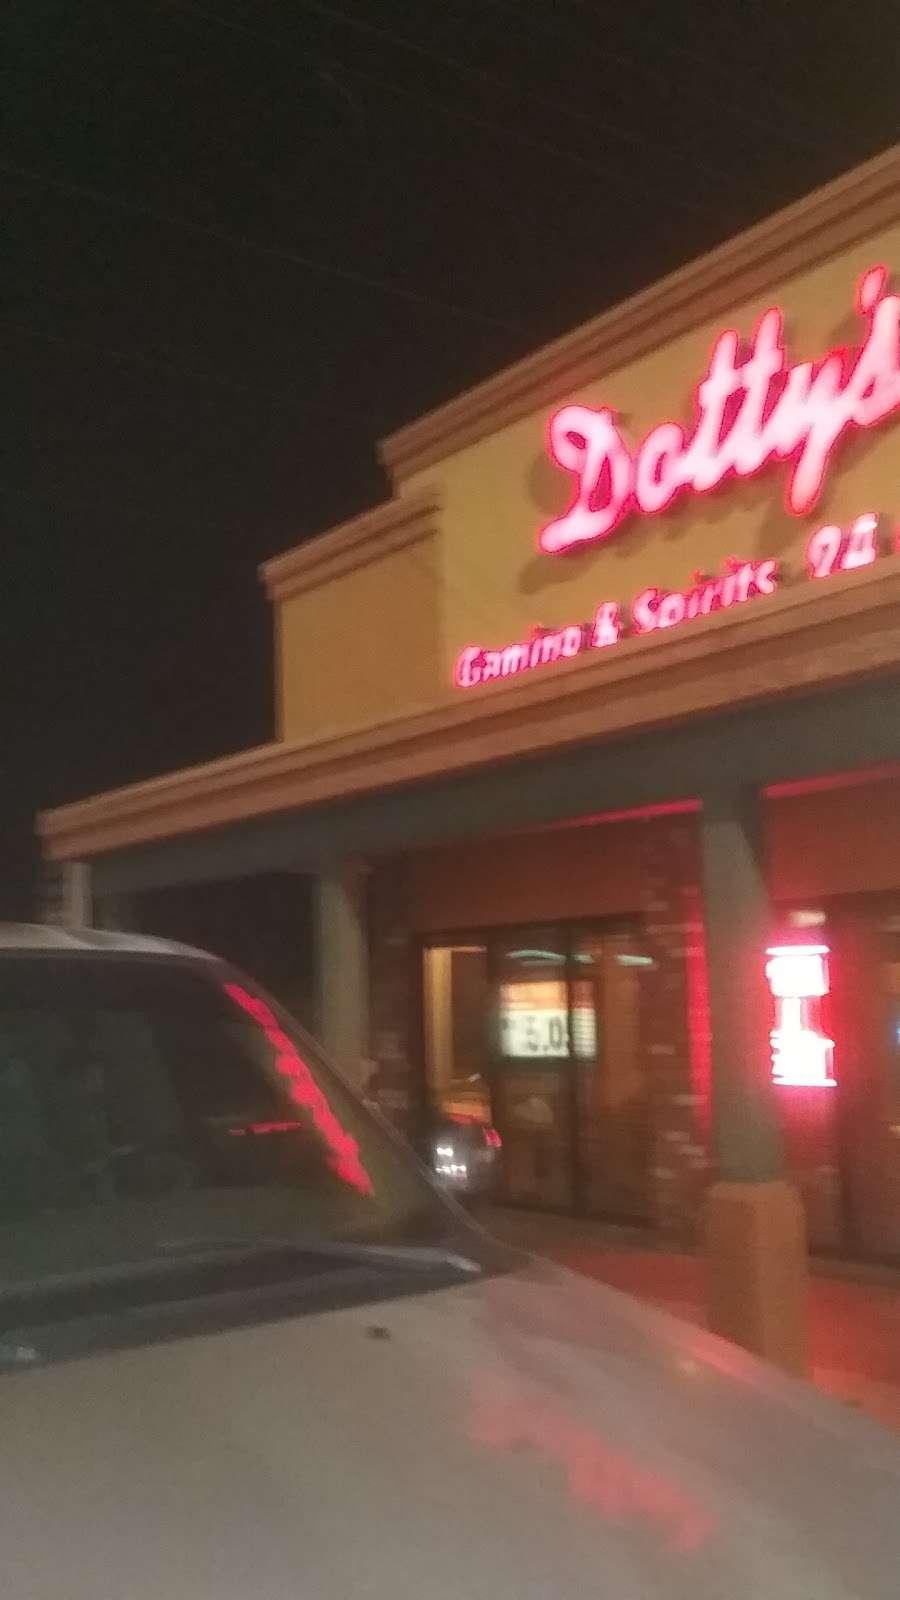 Dottys Gaming & Spirits - restaurant  | Photo 2 of 6 | Address: 4437 W Charleston Blvd, Las Vegas, NV 89102, USA